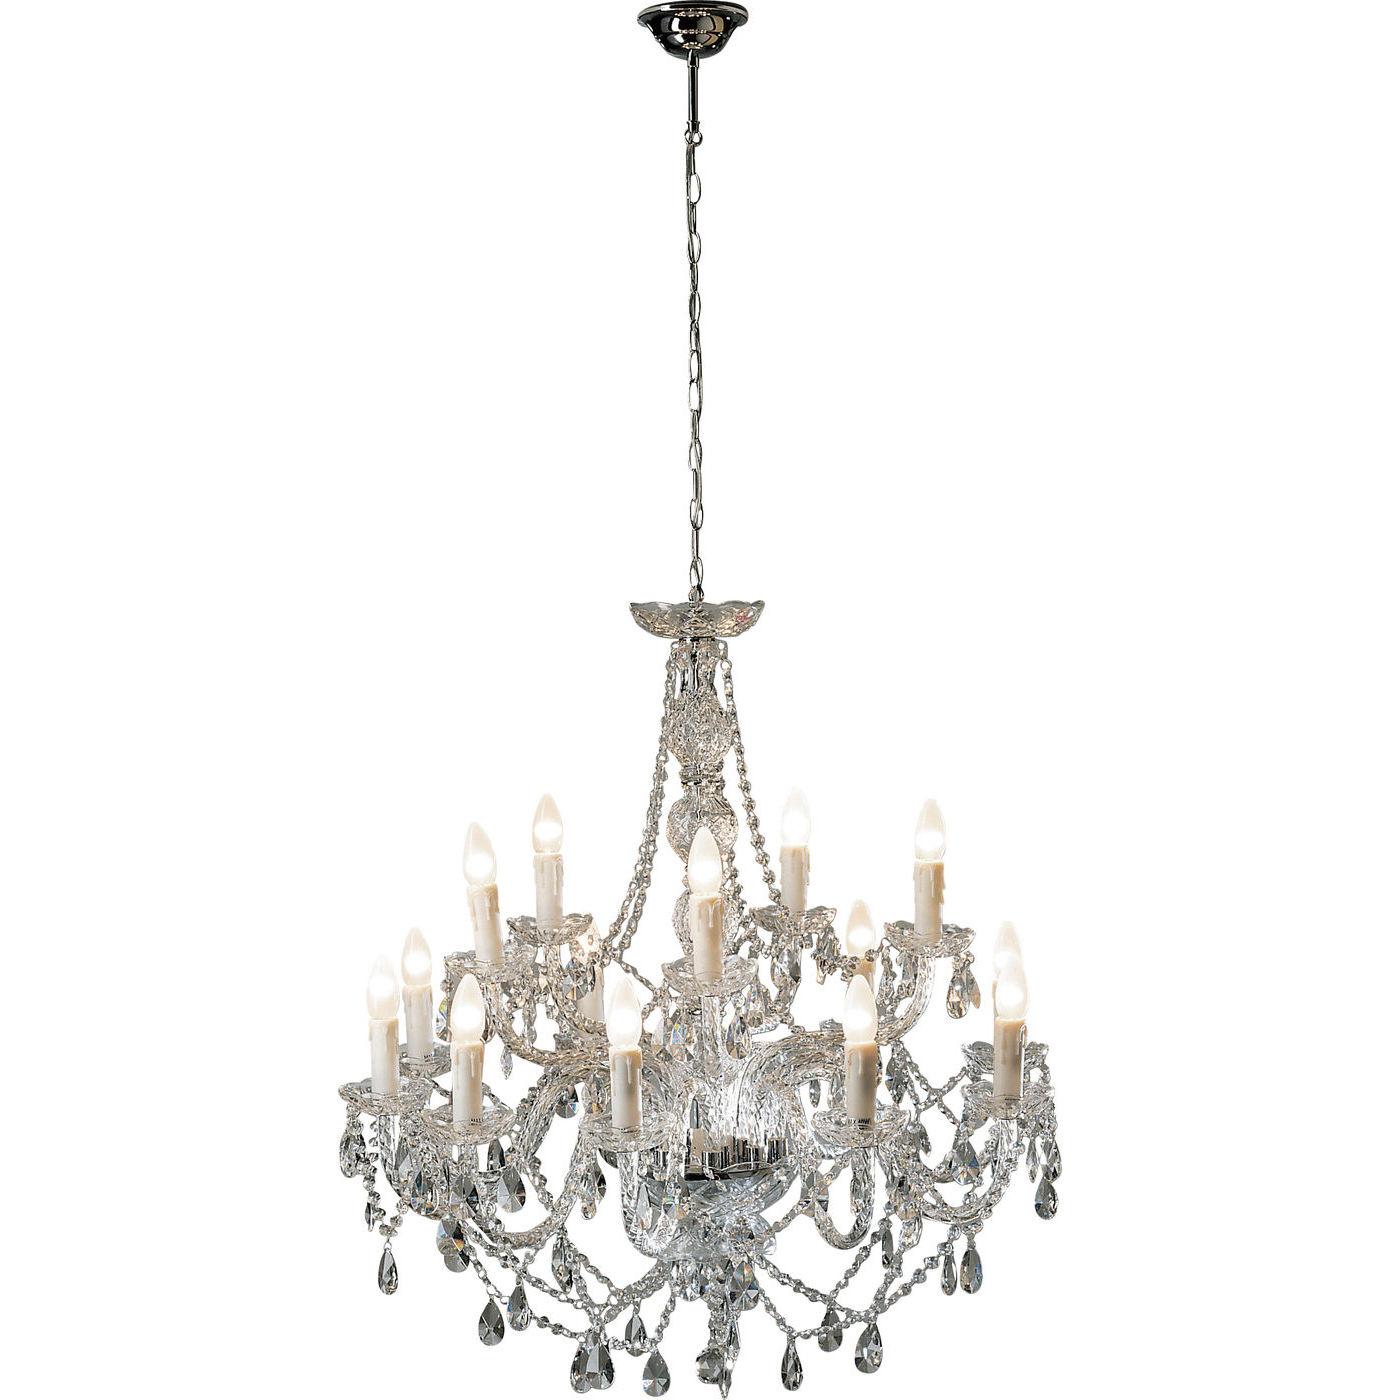 Billede af Kare Design Loftslampe, Gioiello Crystal Clear